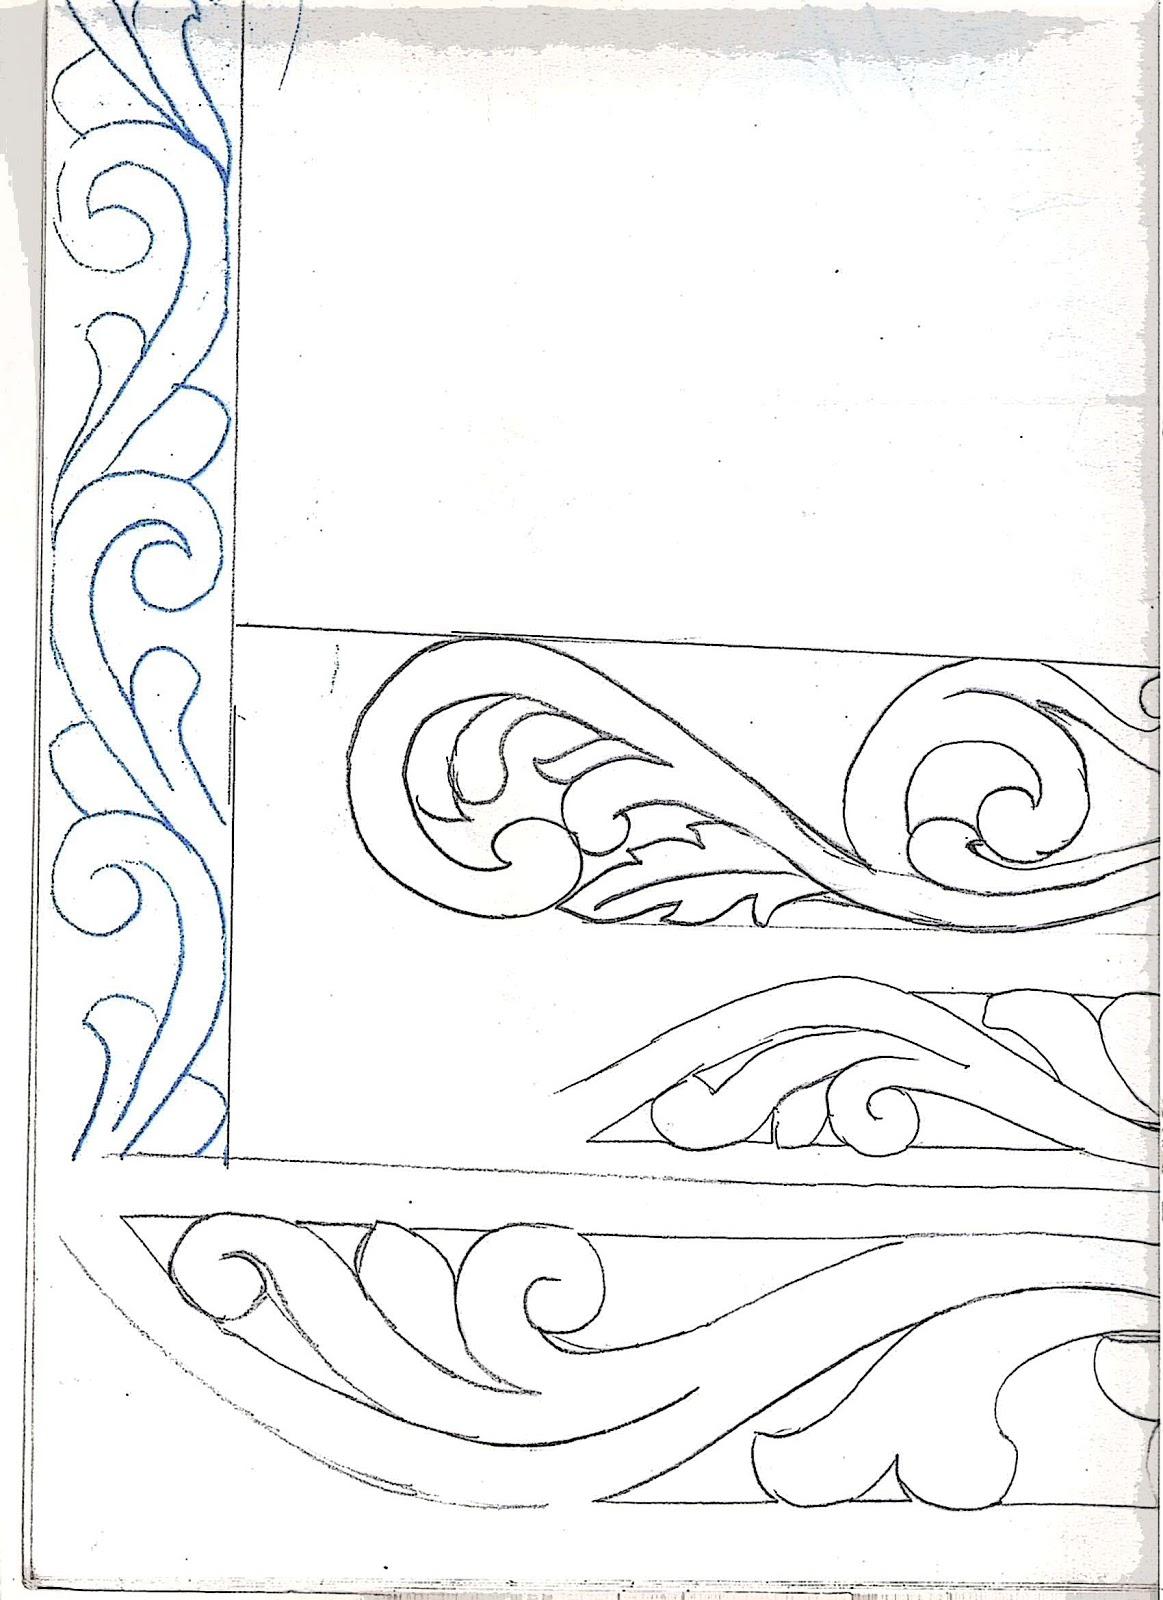 Carving designs joy studio design gallery best design for Wood carving design ideas